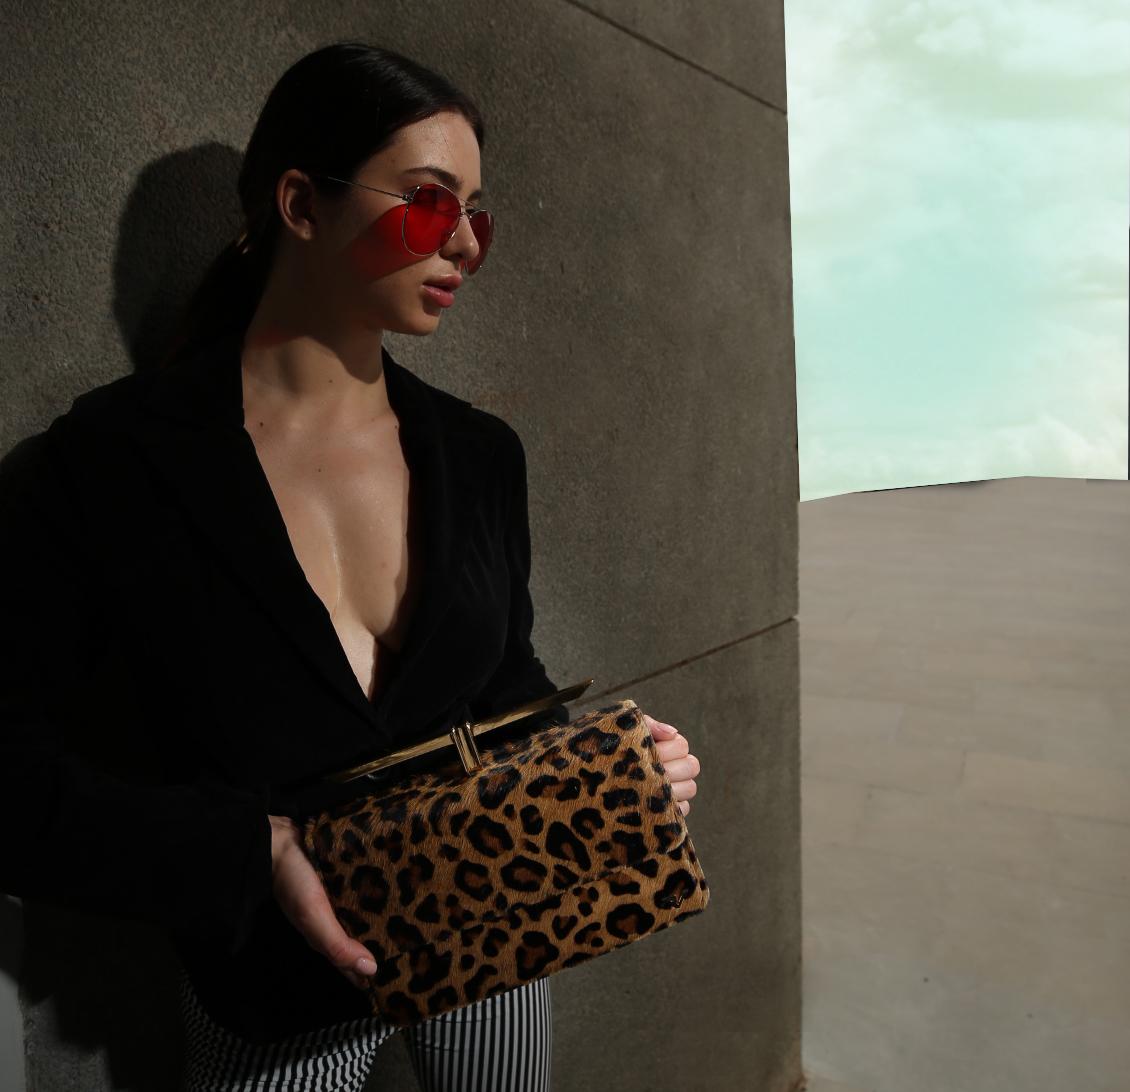 #priyankavachhani #designer #label #boutique #shopbag #shopslingbag #shophandbag #bag #handbag #baglabel #designerbag #handmade #handmadegift #shoplocal #shop #boutiquebag #boutique #shopsmallbusiness #shophandmade #bags #baglover #bagblog #leatherbag #partybag #uniquebag